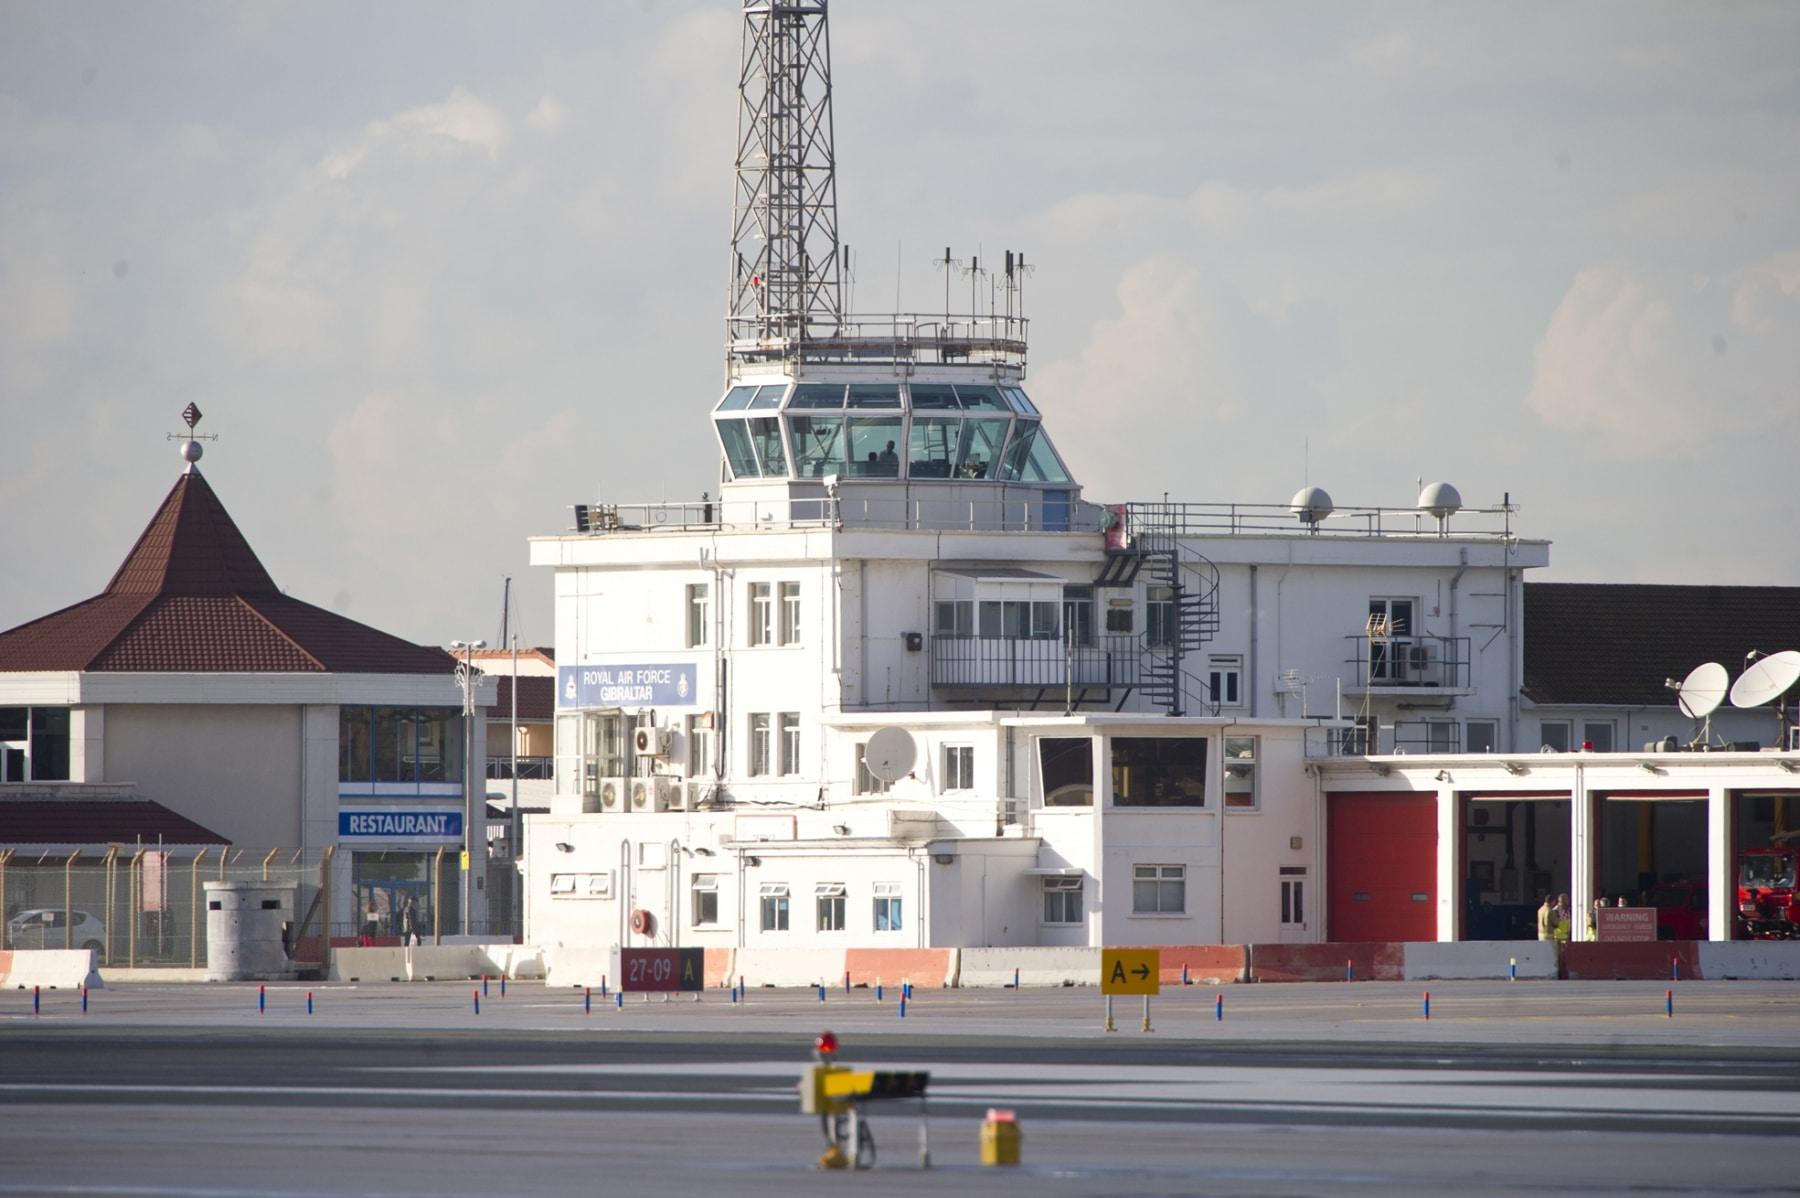 simulacro-accidente-aereo-en-gibraltar-03122014-02_15757902339_o